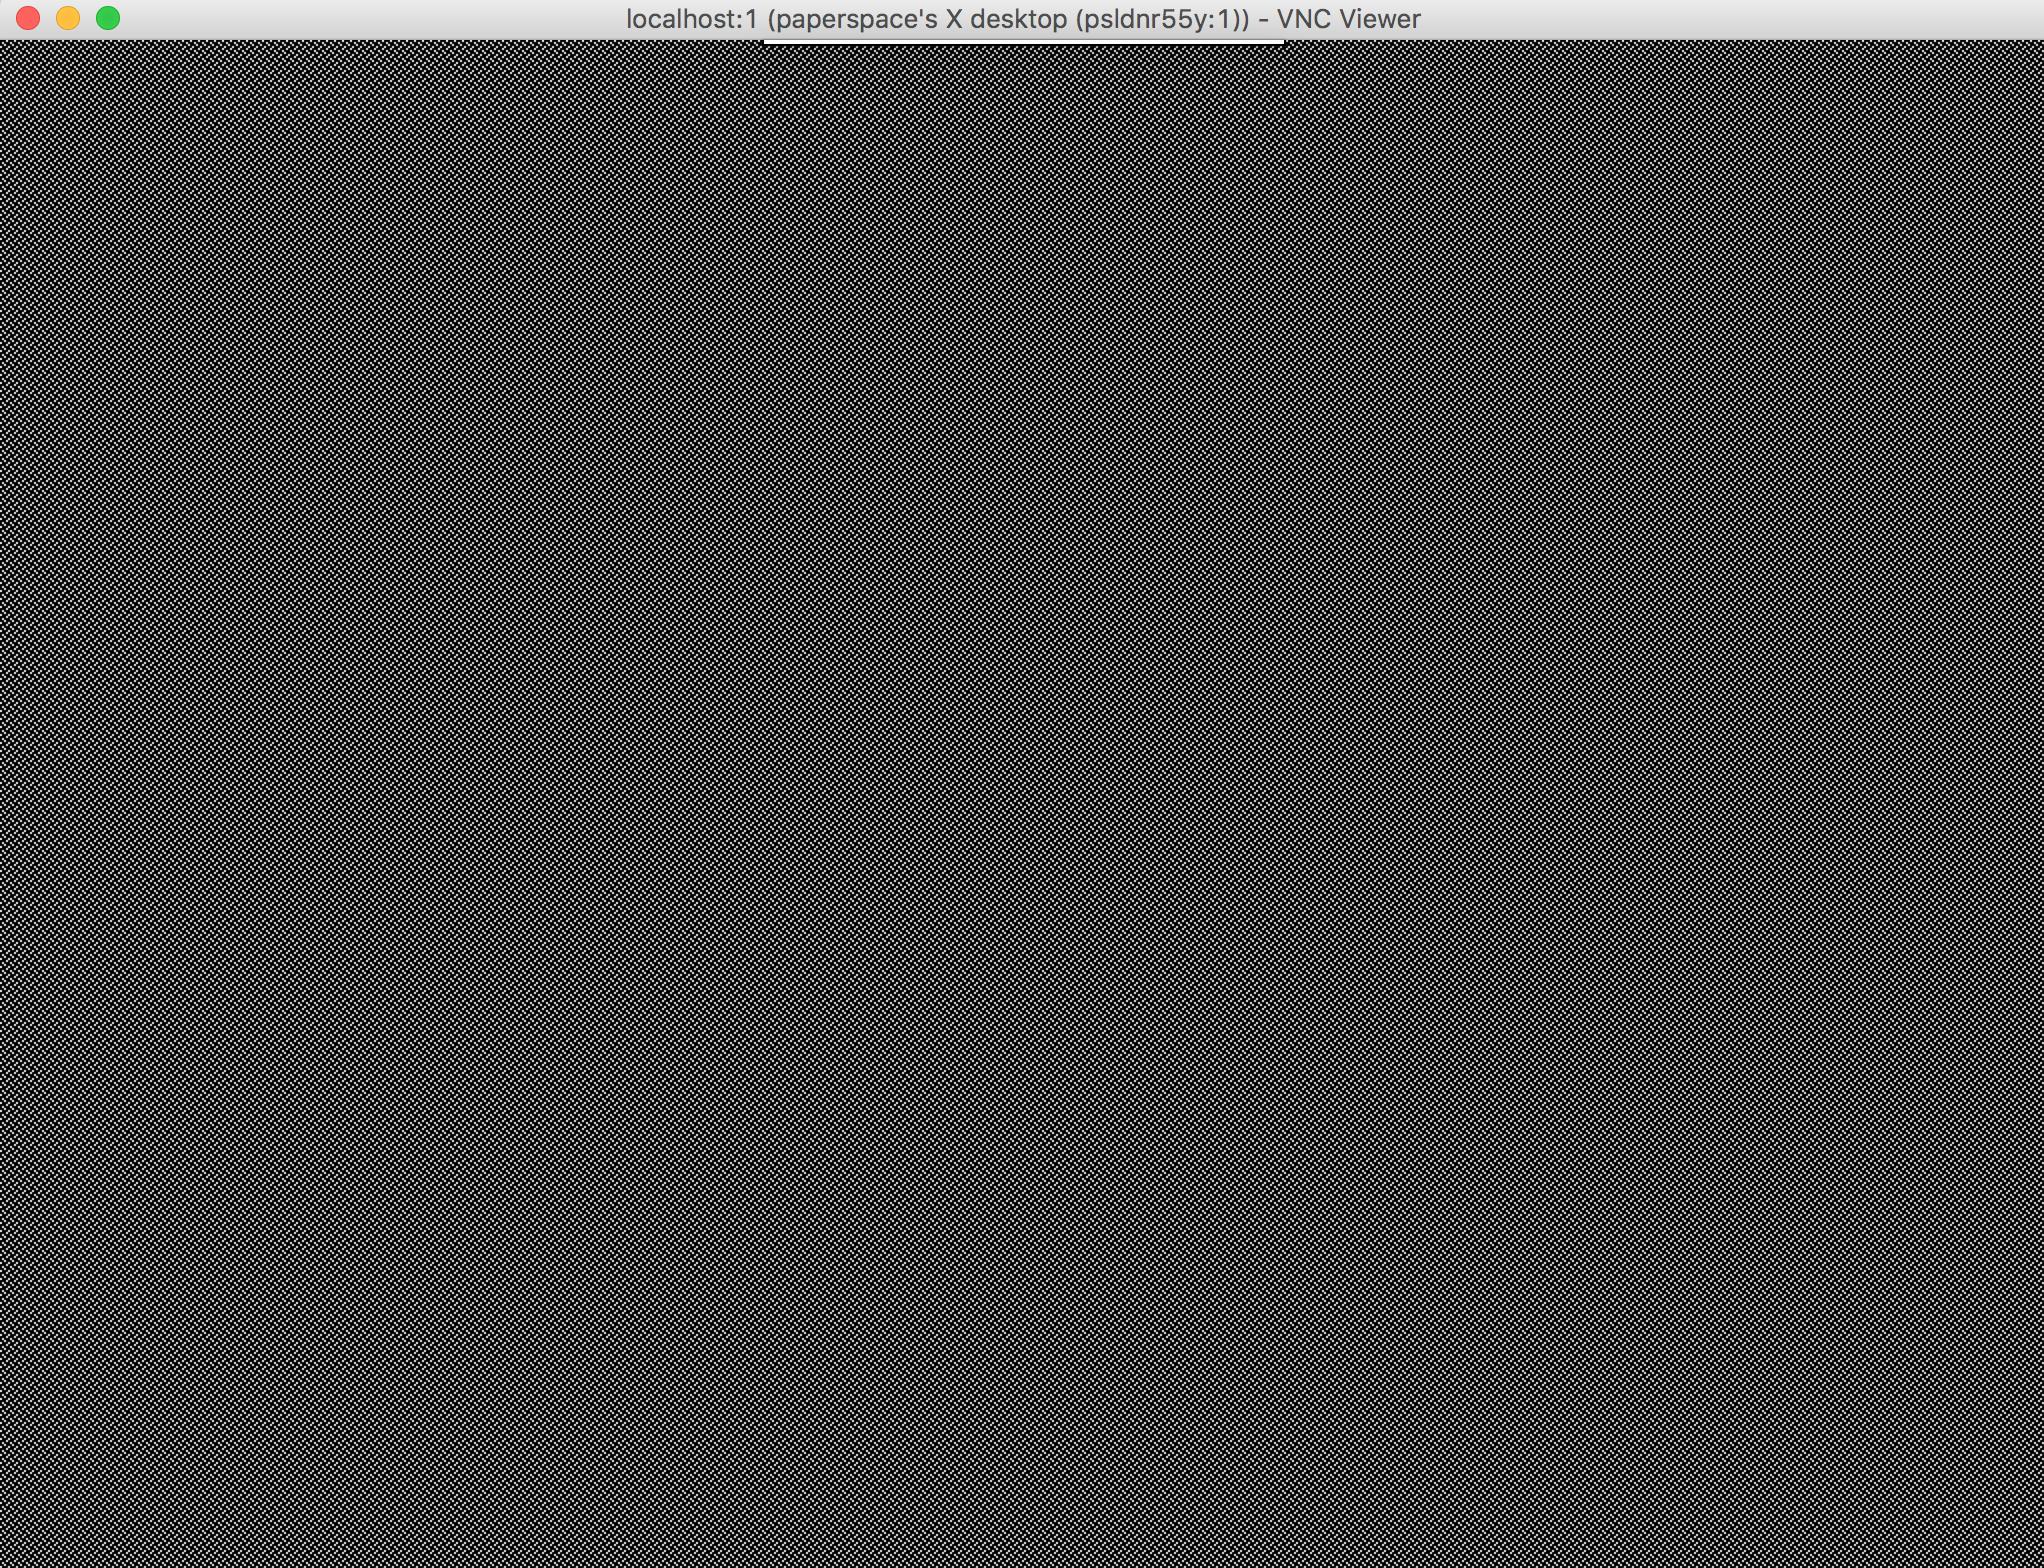 VNC Server: RFB 003 008 - Part 2 & Alumni (2018) - Deep